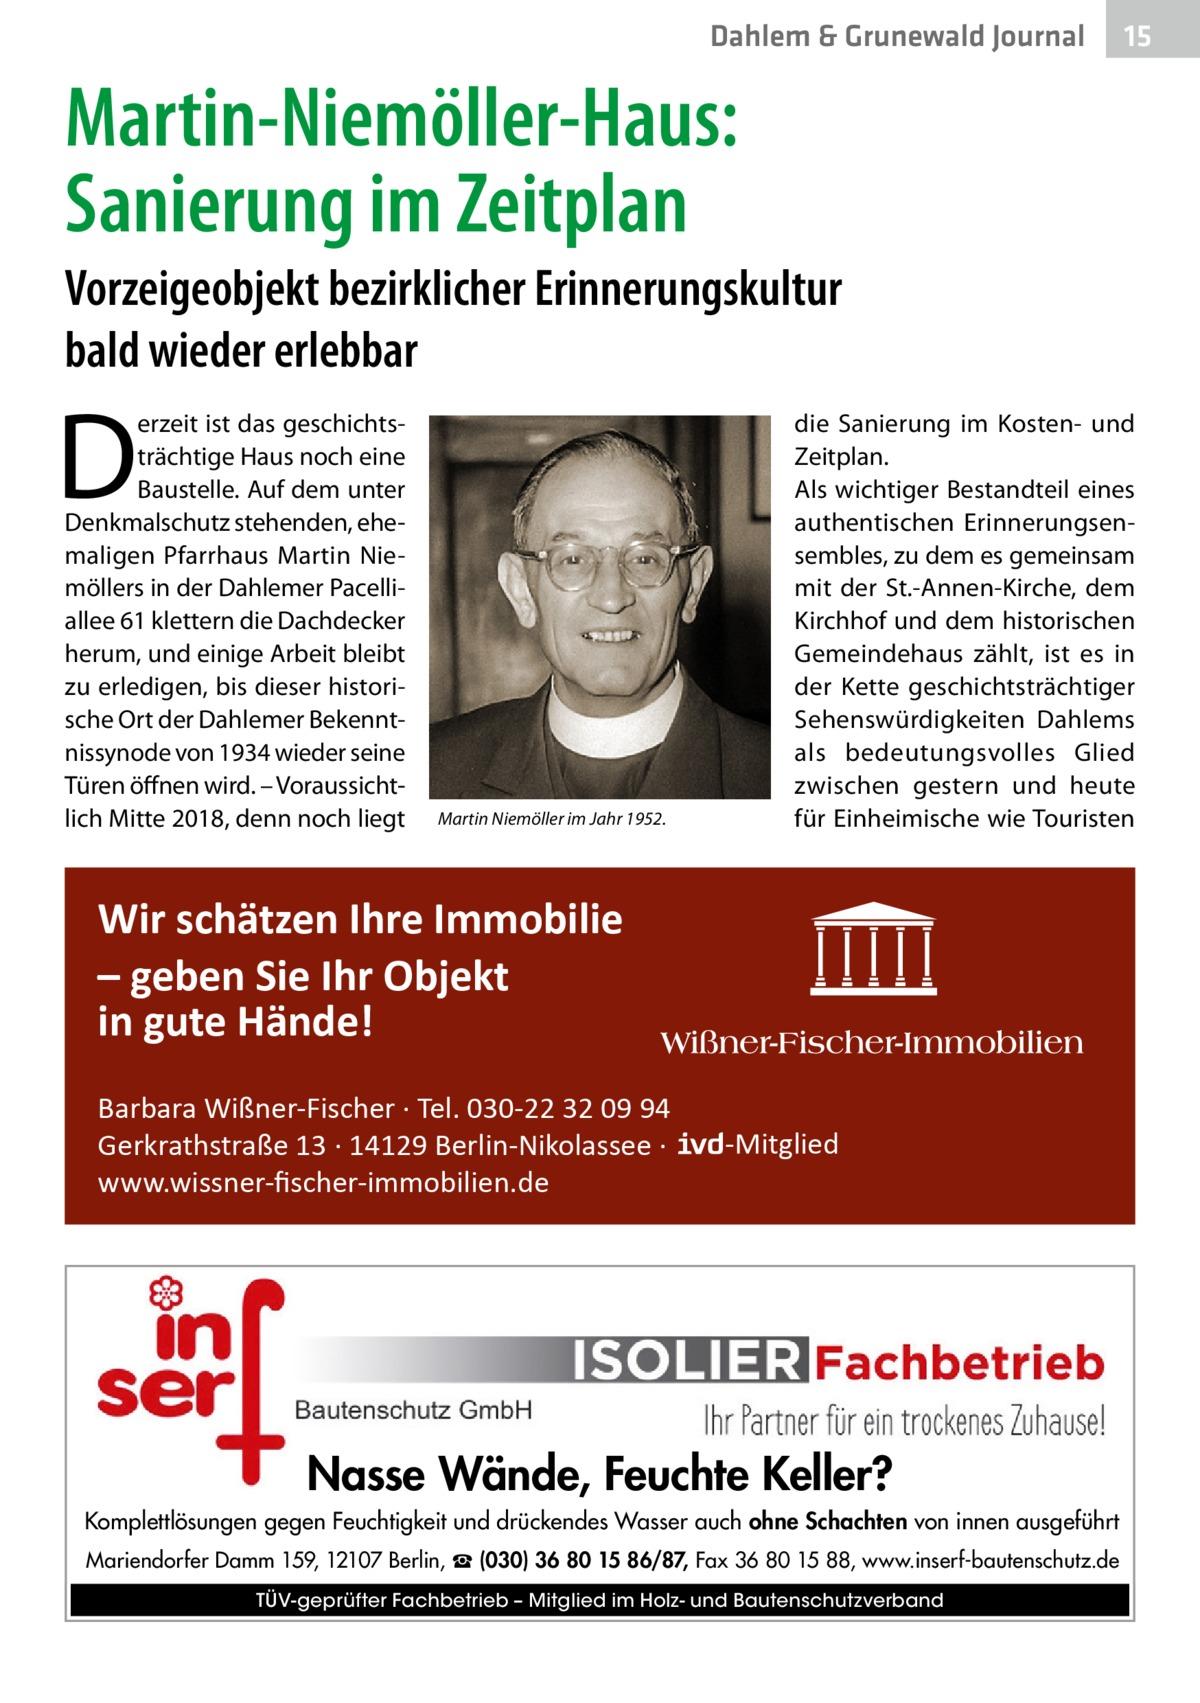 Dahlem & Grunewald Journal  15 15  Martin-Niemöller-Haus: Sanierung im Zeitplan Vorzeigeobjekt bezirklicher Erinnerungskultur bald wieder erlebbar  D  erzeit ist das geschichtsträchtige Haus noch eine Baustelle. Auf dem unter Denkmalschutz stehenden, ehemaligen Pfarrhaus Martin Niemöllers in der Dahlemer Pacelliallee 61 klettern die Dachdecker herum, und einige Arbeit bleibt zu erledigen, bis dieser historische Ort der Dahlemer Bekenntnissynode von 1934 wieder seine Türen öffnen wird. – Voraussichtlich Mitte 2018, denn noch liegt  Martin Niemöller im Jahr 1952.  die Sanierung im Kosten- und Zeitplan. Als wichtiger Bestandteil eines authentischen Erinnerungsensembles, zu dem es gemeinsam mit der St.-Annen-Kirche, dem Kirchhof und dem historischen Gemeindehaus zählt, ist es in der Kette geschichtsträchtiger Sehenswürdigkeiten Dahlems als bedeutungsvolles Glied zwischen gestern und heute für Einheimische wie Touristen  Wir schätzen Ihre Immobilie – geben Sie Ihr Objekt in gute Hände! Barbara Wißner-Fischer · Tel. 030-22 32 09 94 Gerkrathstraße 13 · 14129 Berlin-Nikolassee · www.wissner-fischer-immobilien.de  -Mitglied  Nasse Wände, Feuchte Keller? Komplettlösungen gegen Feuchtigkeit und drückendes Wasser auch ohne Schachten von innen ausgeführt Mariendorfer Damm 159, 12107 Berlin, ☎ (030) 36 80 15 86/87, Fax 36 80 15 88, www.inserf-bautenschutz.de TÜV-geprüfter Fachbetrieb – Mitglied im Holz- und Bautenschutzverband